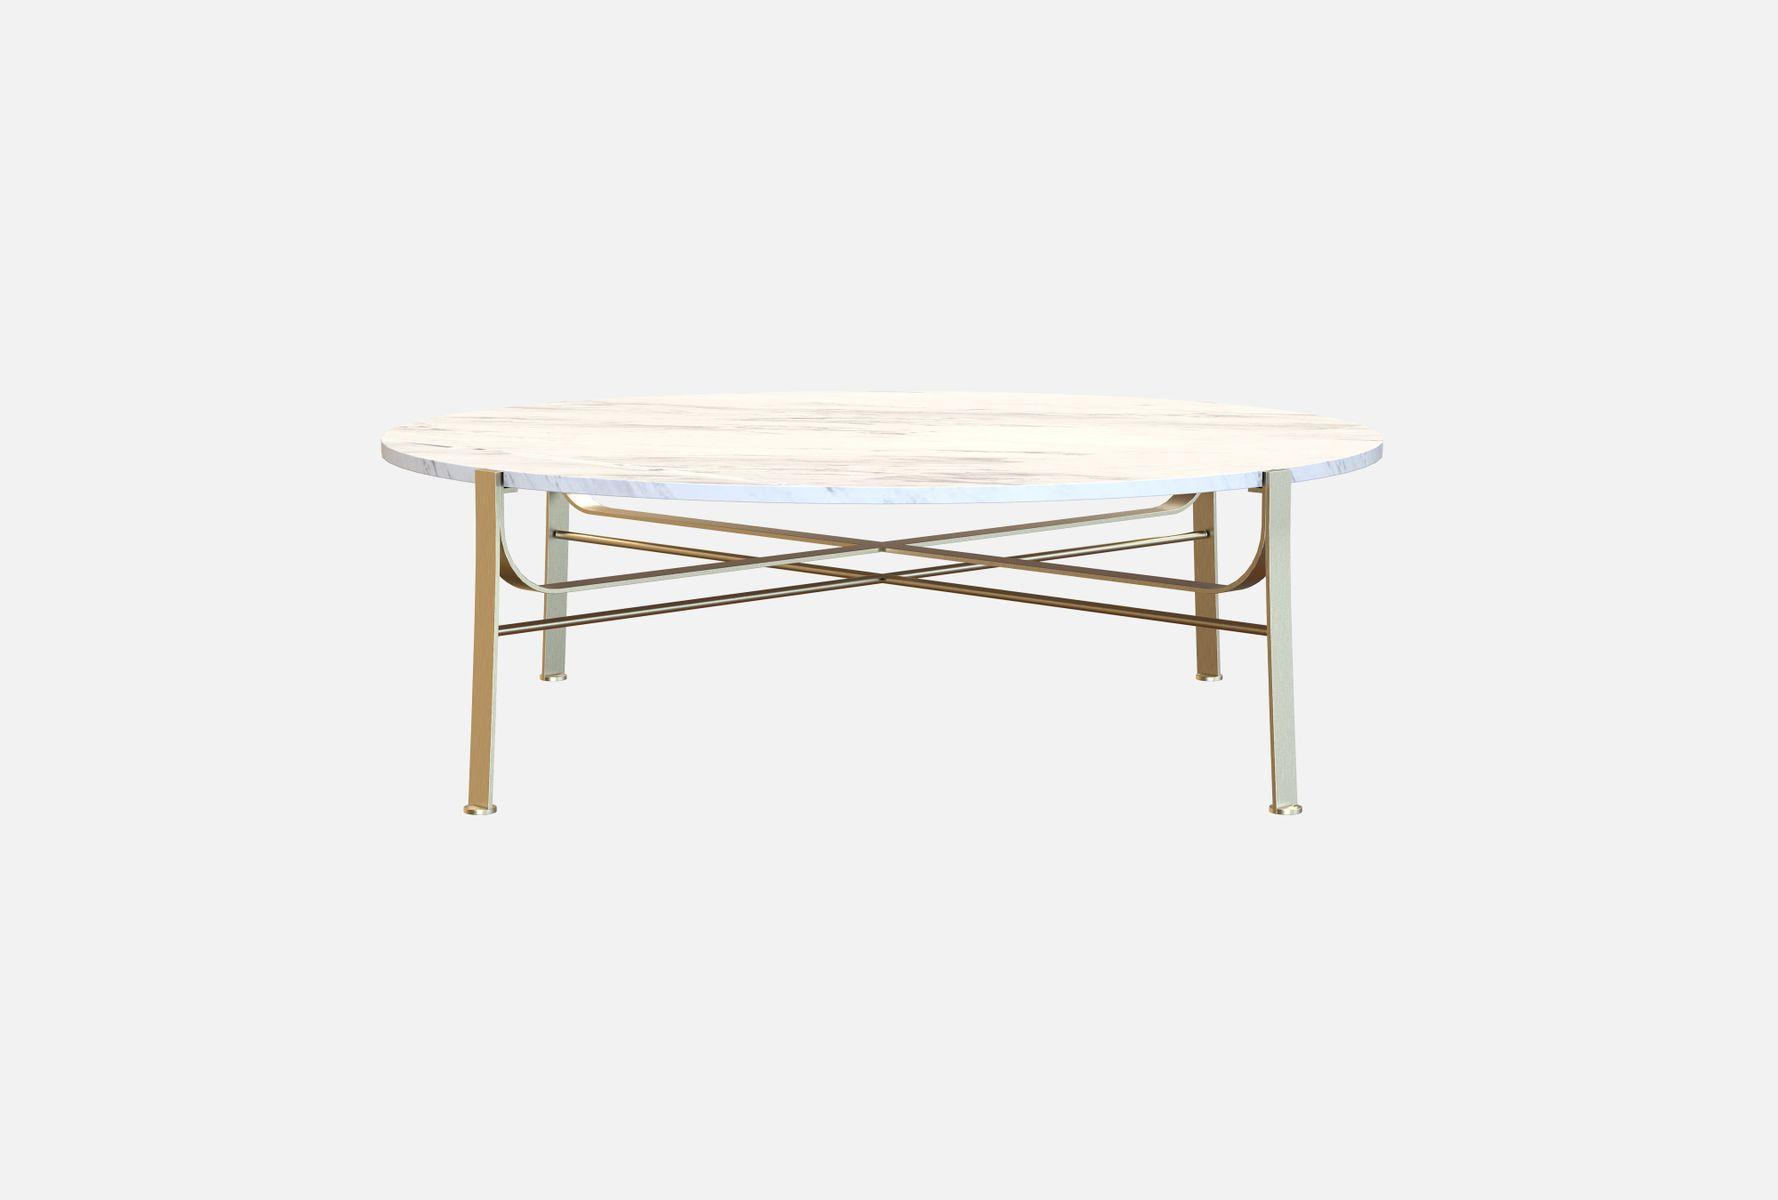 table basse merge en coffee table en acier plaqu laiton et marbre de carrare par alex baser. Black Bedroom Furniture Sets. Home Design Ideas